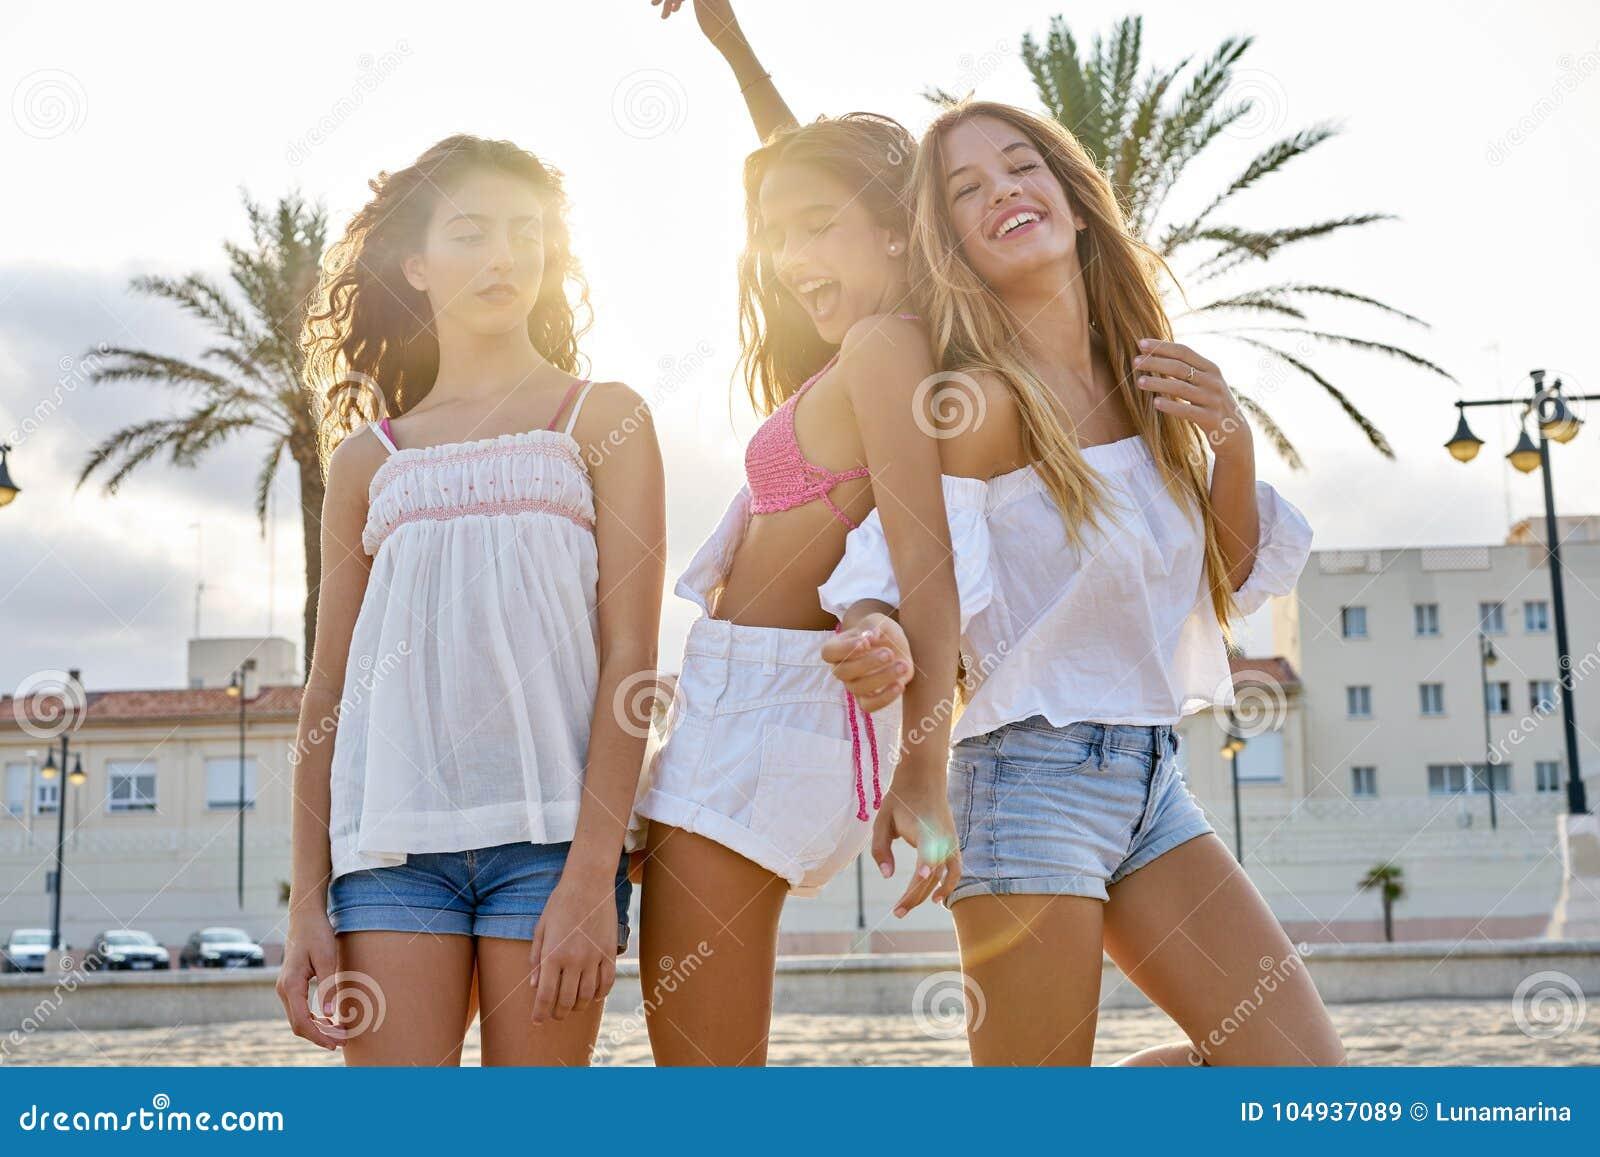 Divertimento adolescente das meninas dos melhores amigos em um por do sol da praia